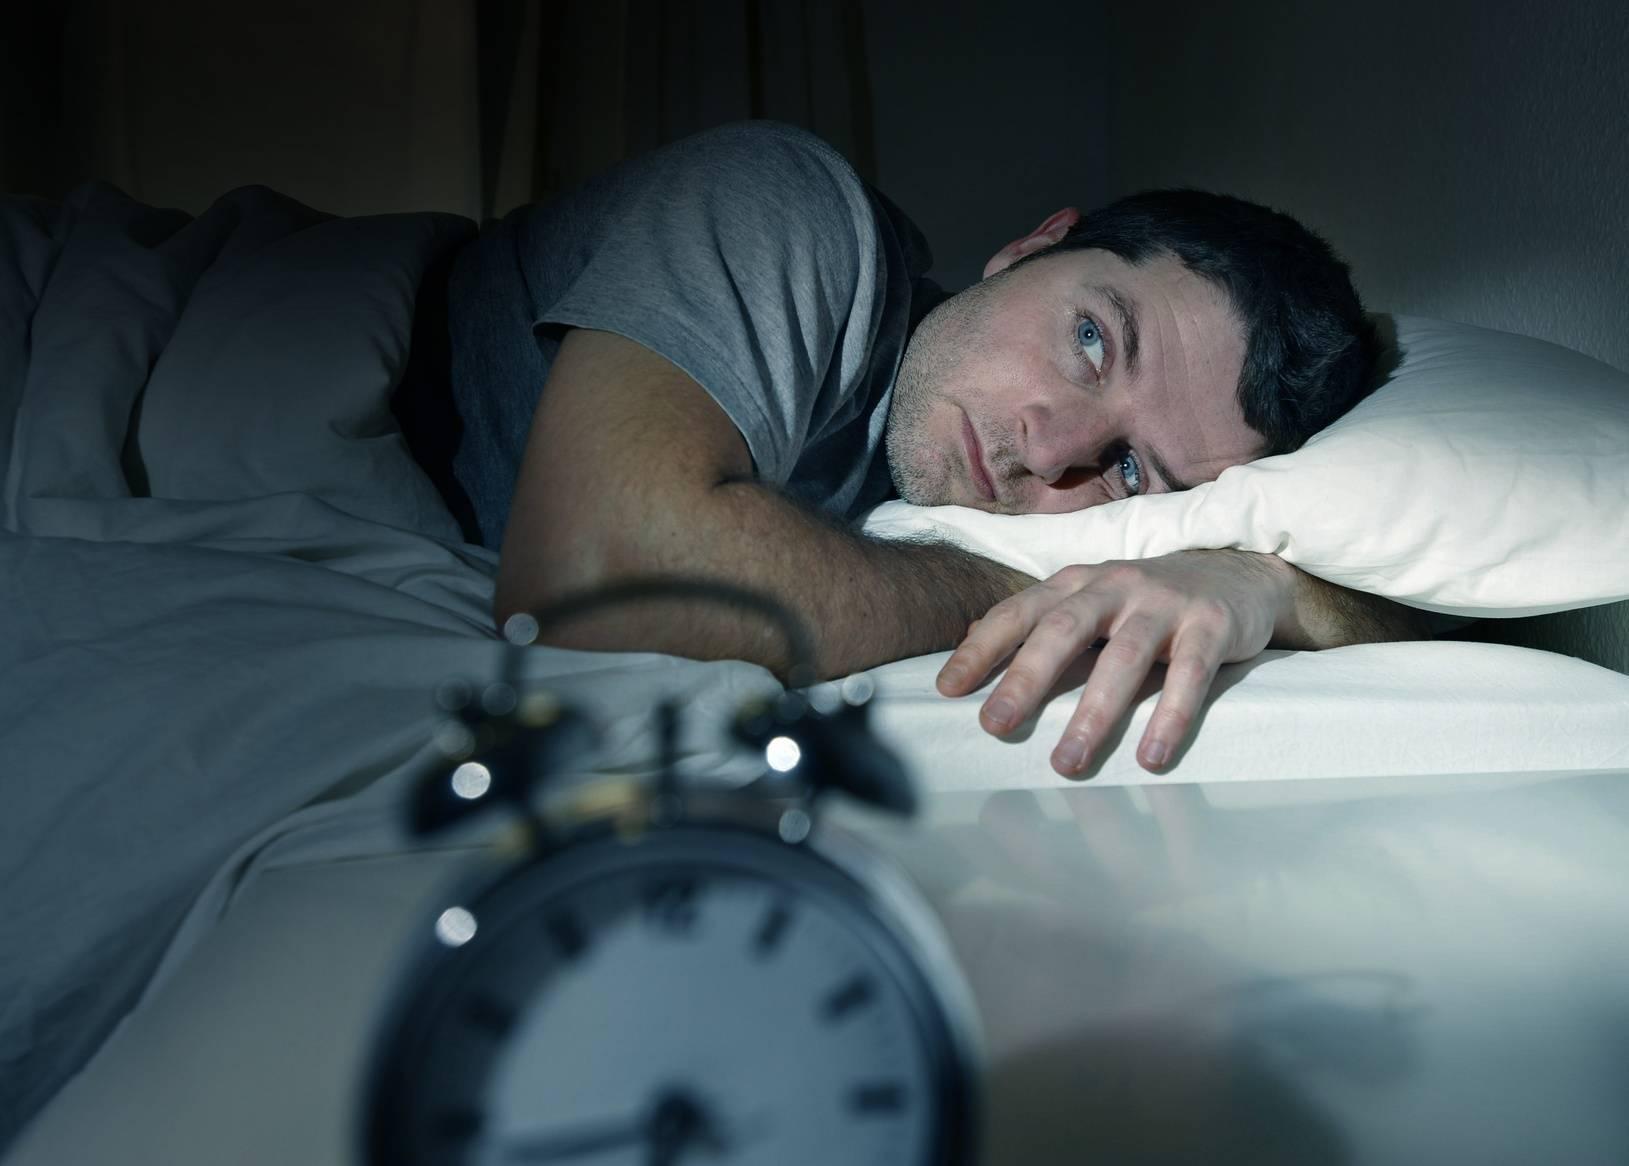 Как уснуть с похмелья и почему снятся кошмары?